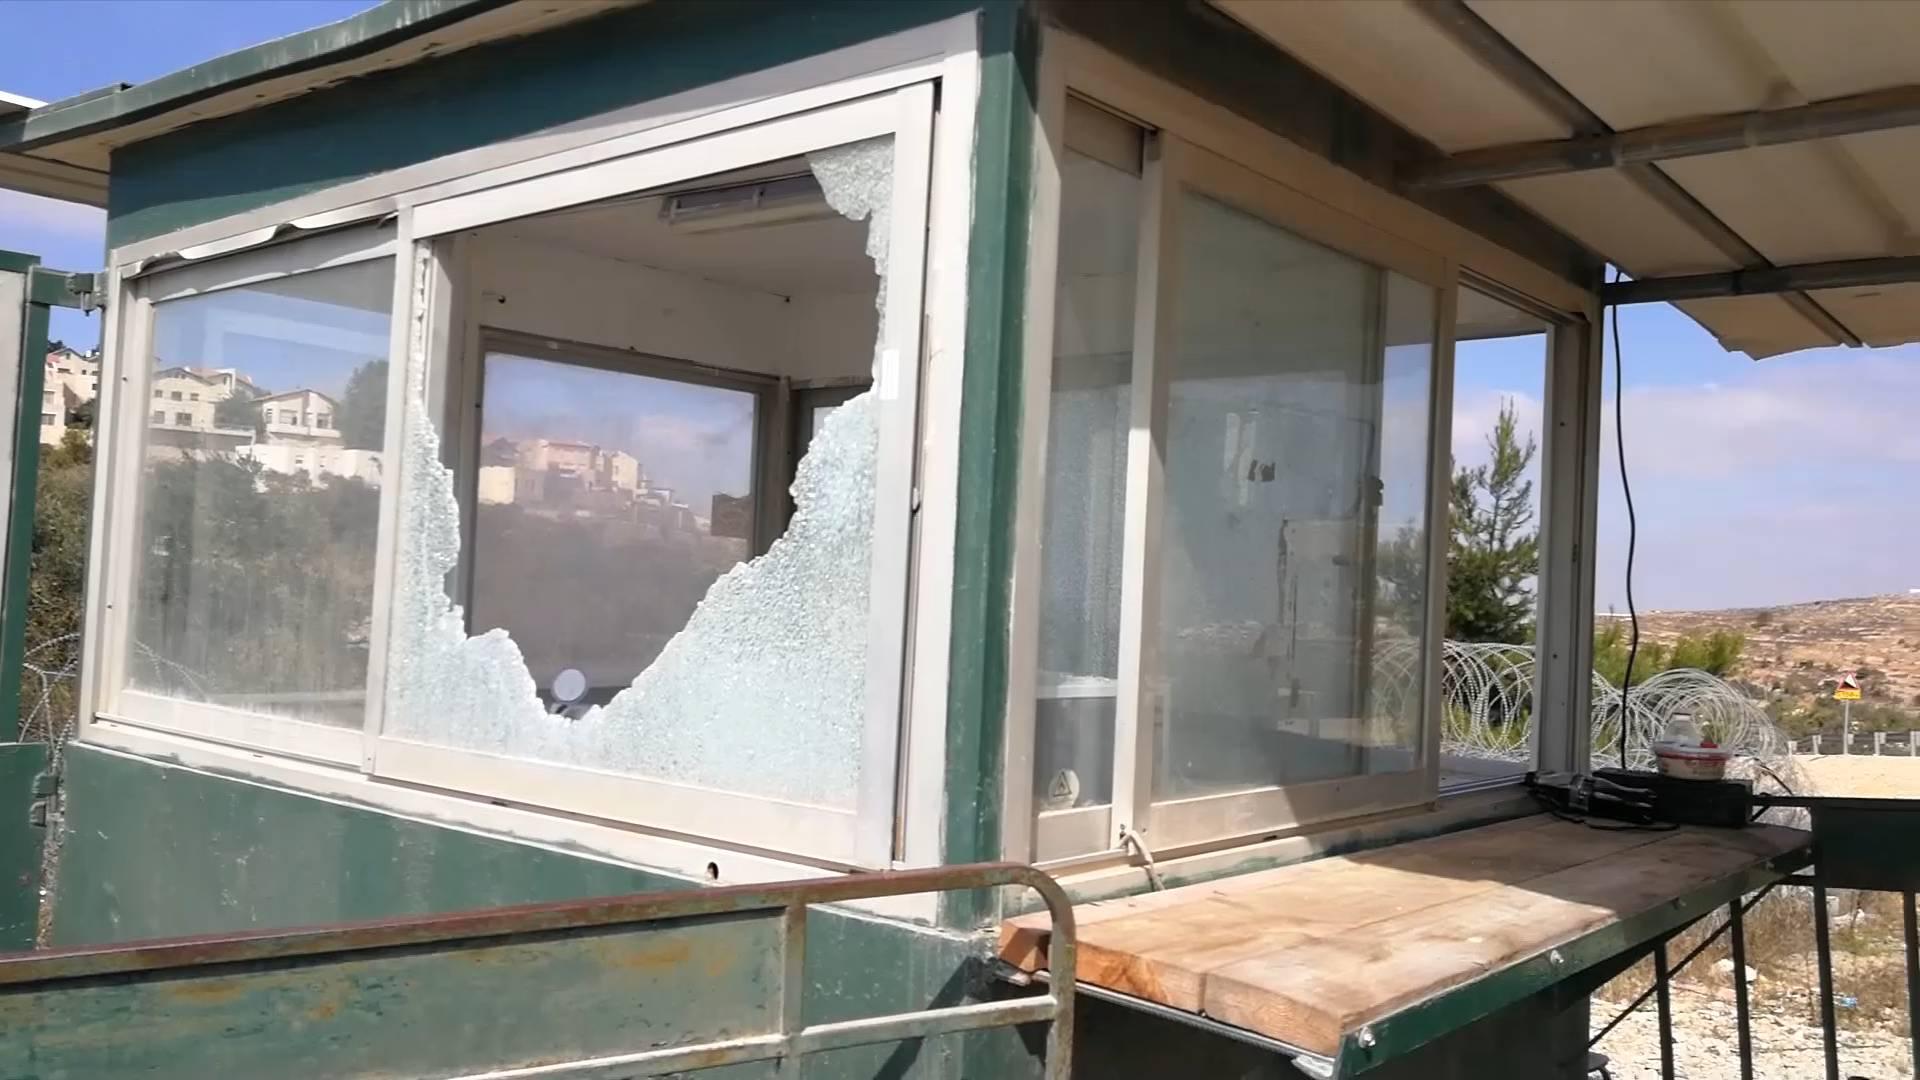 耶路撒冷发生枪击事件至少3人死亡 以总理强烈谴责